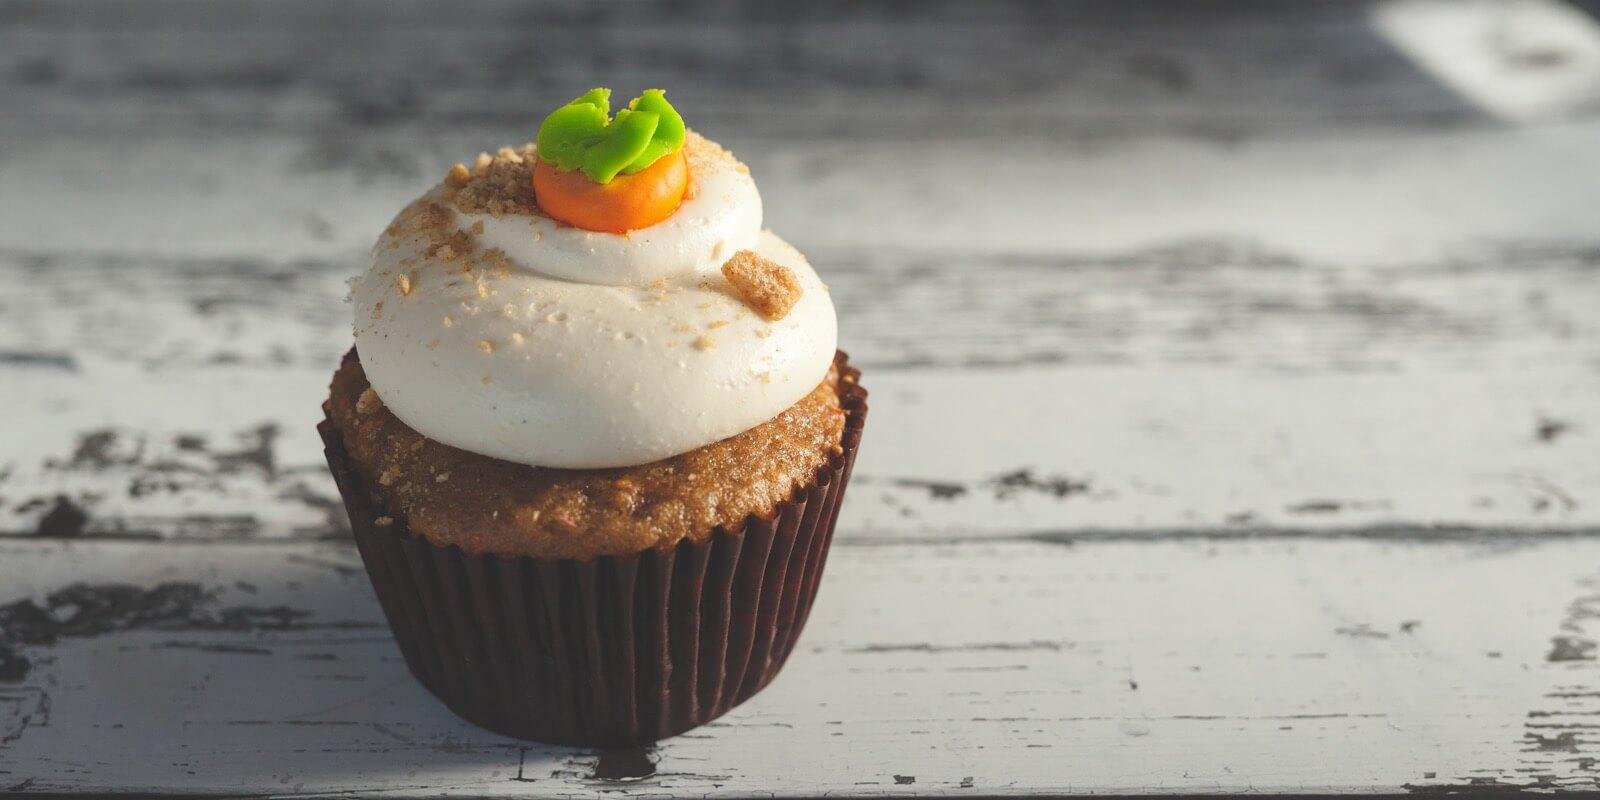 Mindfulness cupcake